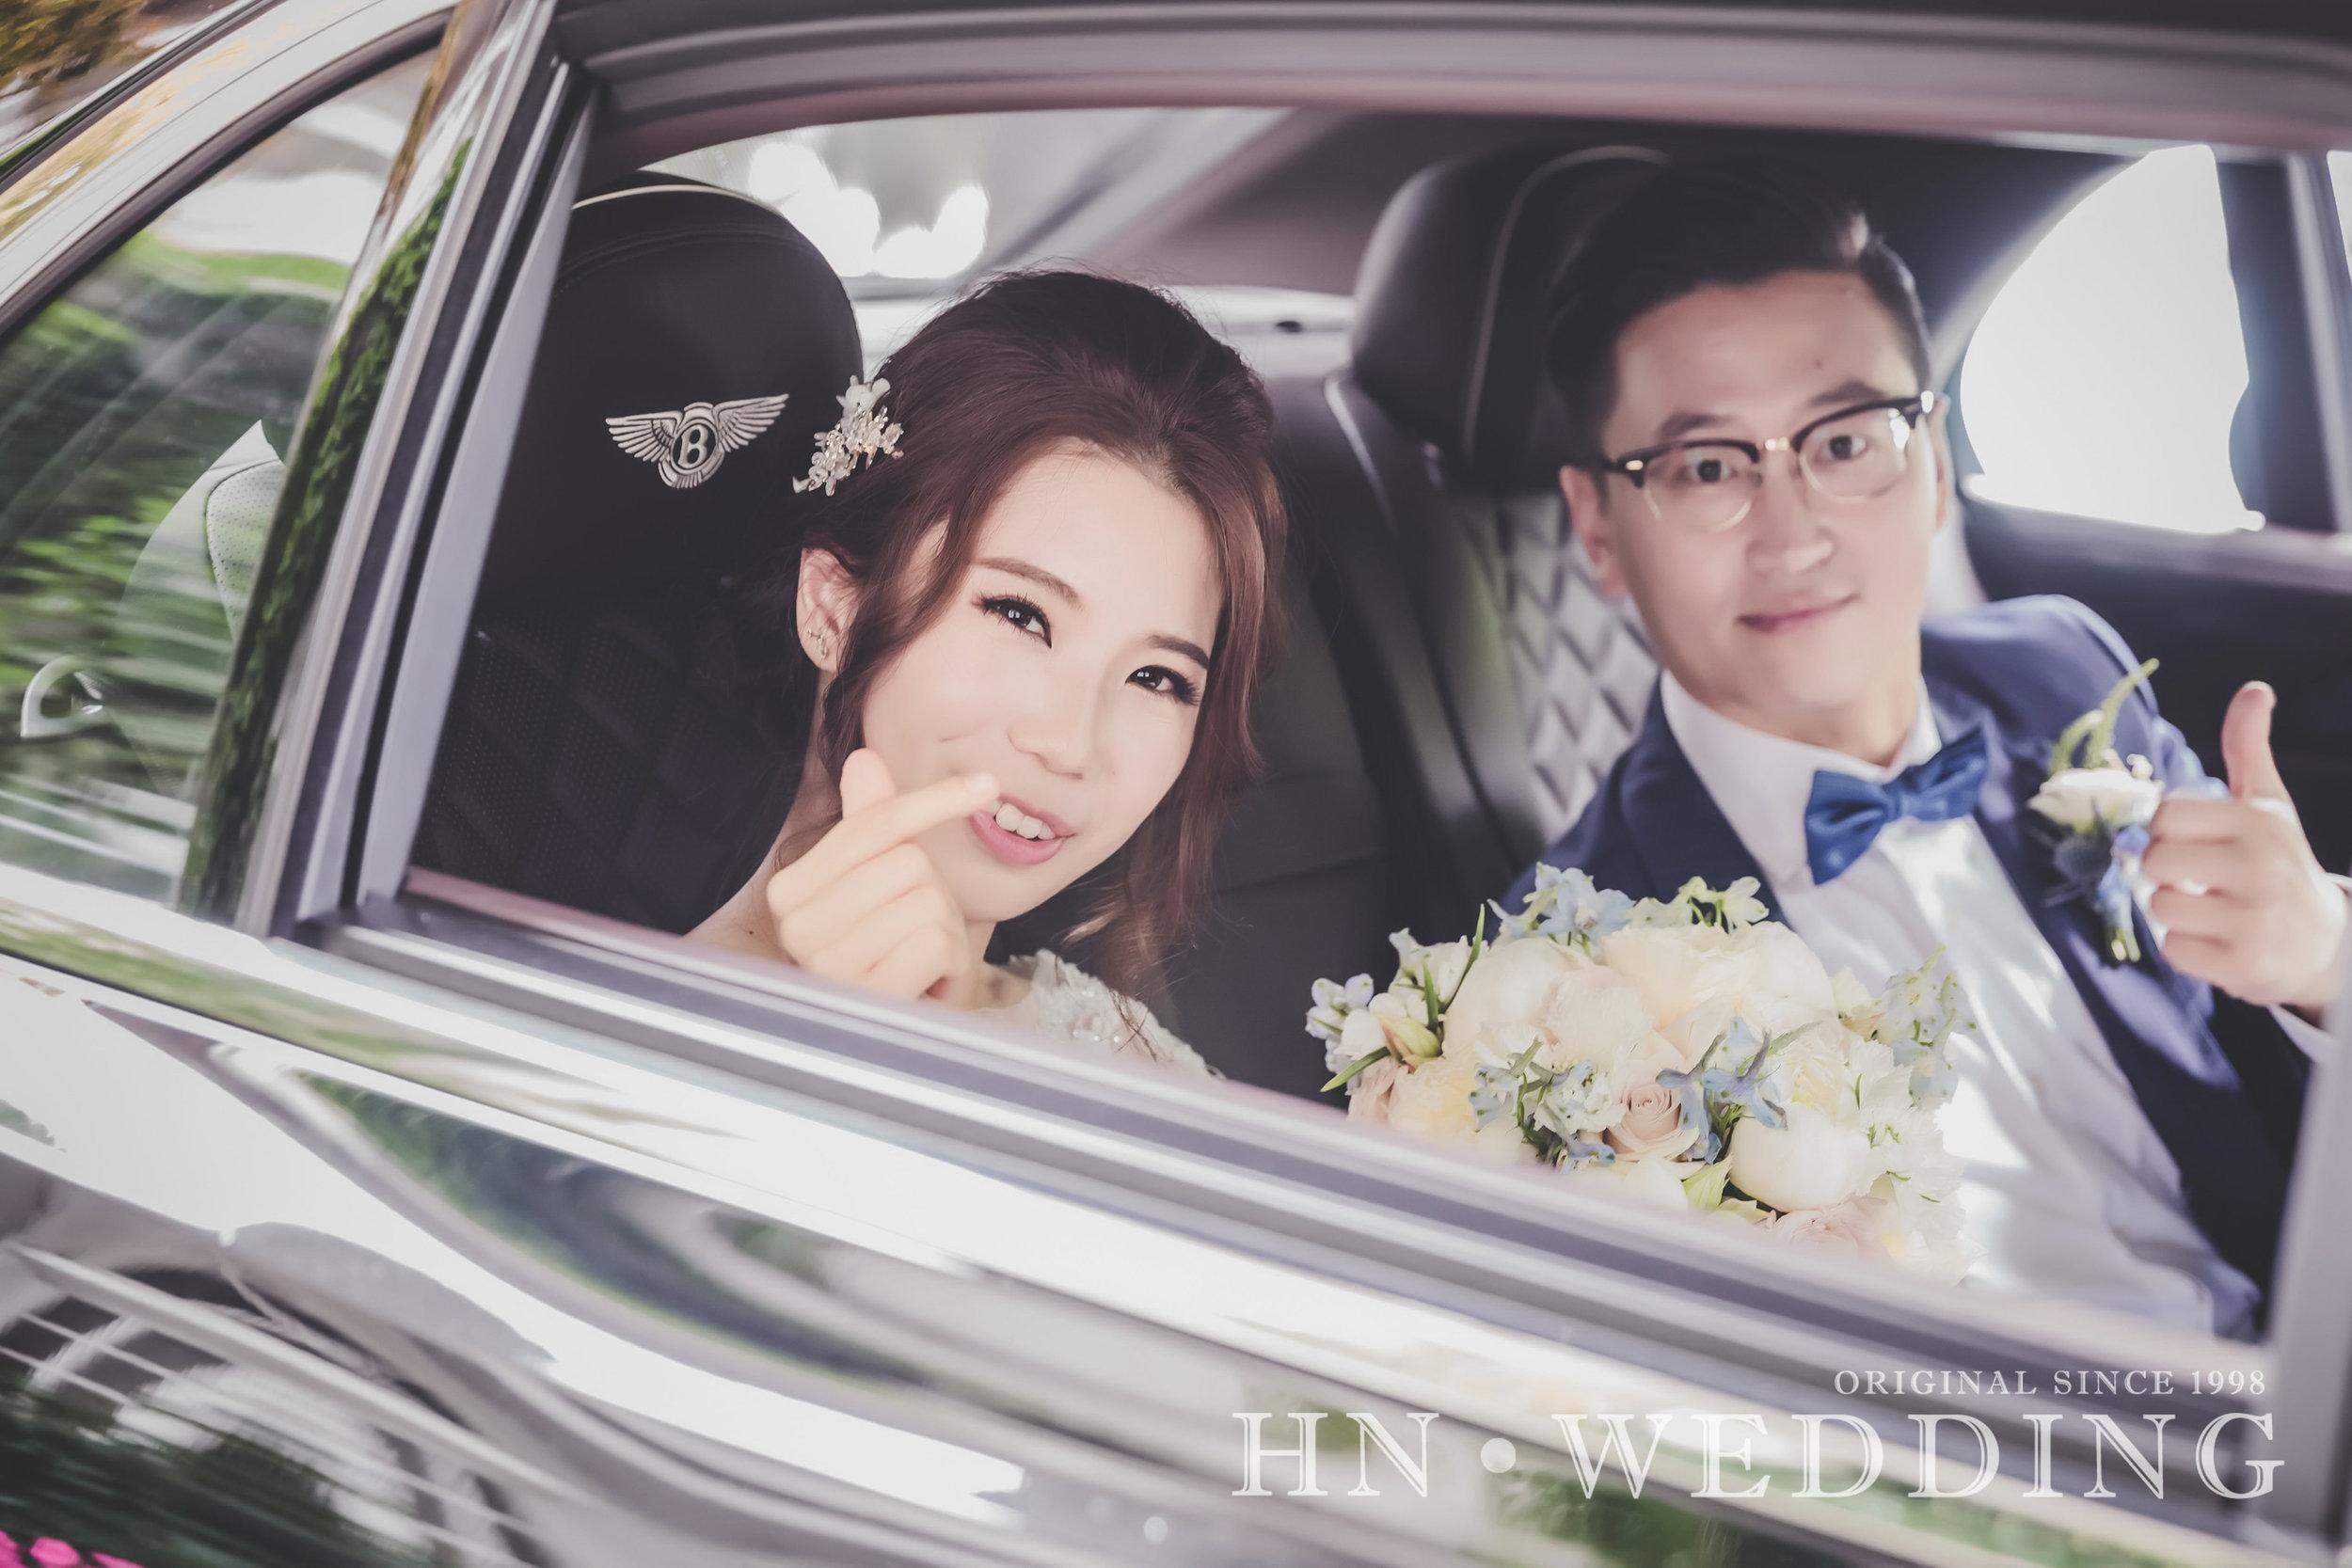 hnweddingweddingday10192018-2-21.jpg